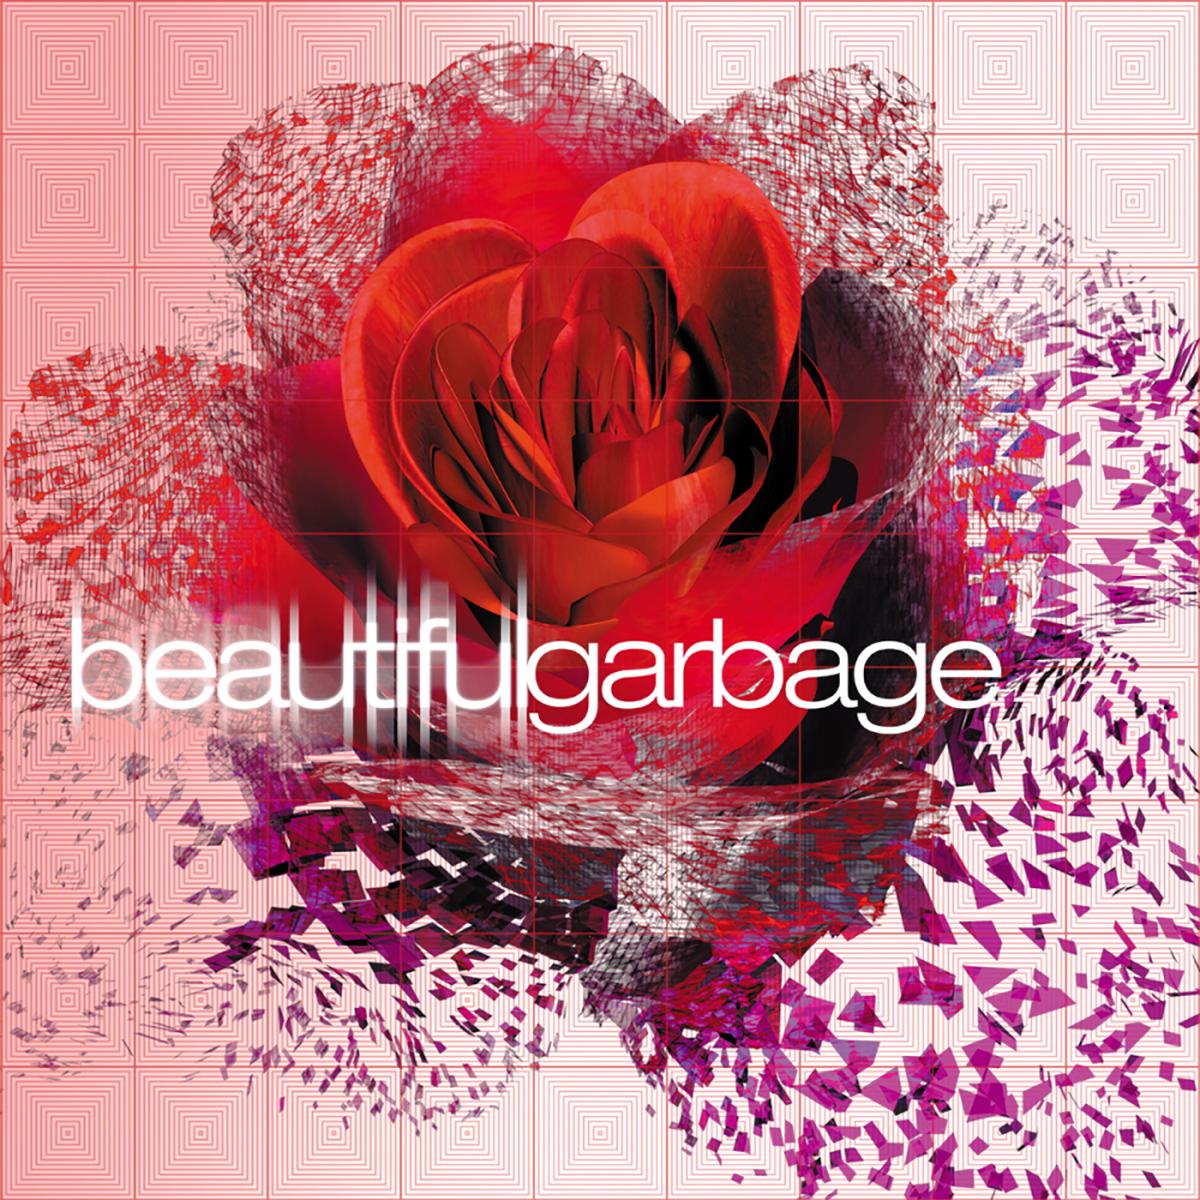 Garbage, Beautifulgarbage